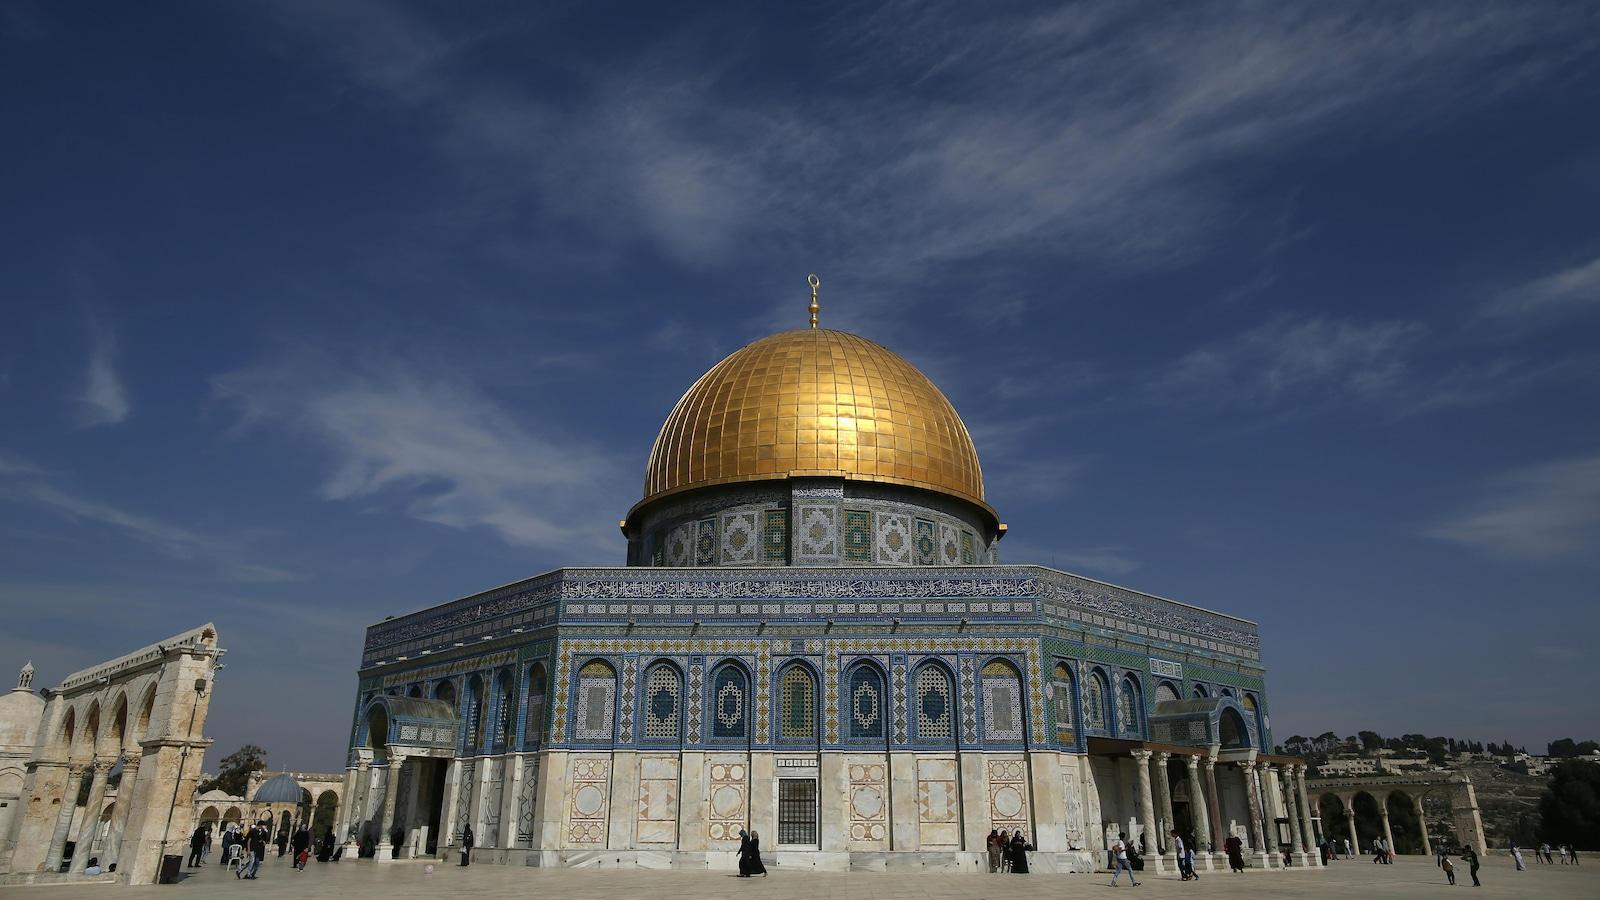 La mosquée Al-Aqsa après la prière du vendredi dans la vieille ville de Jérusalem.